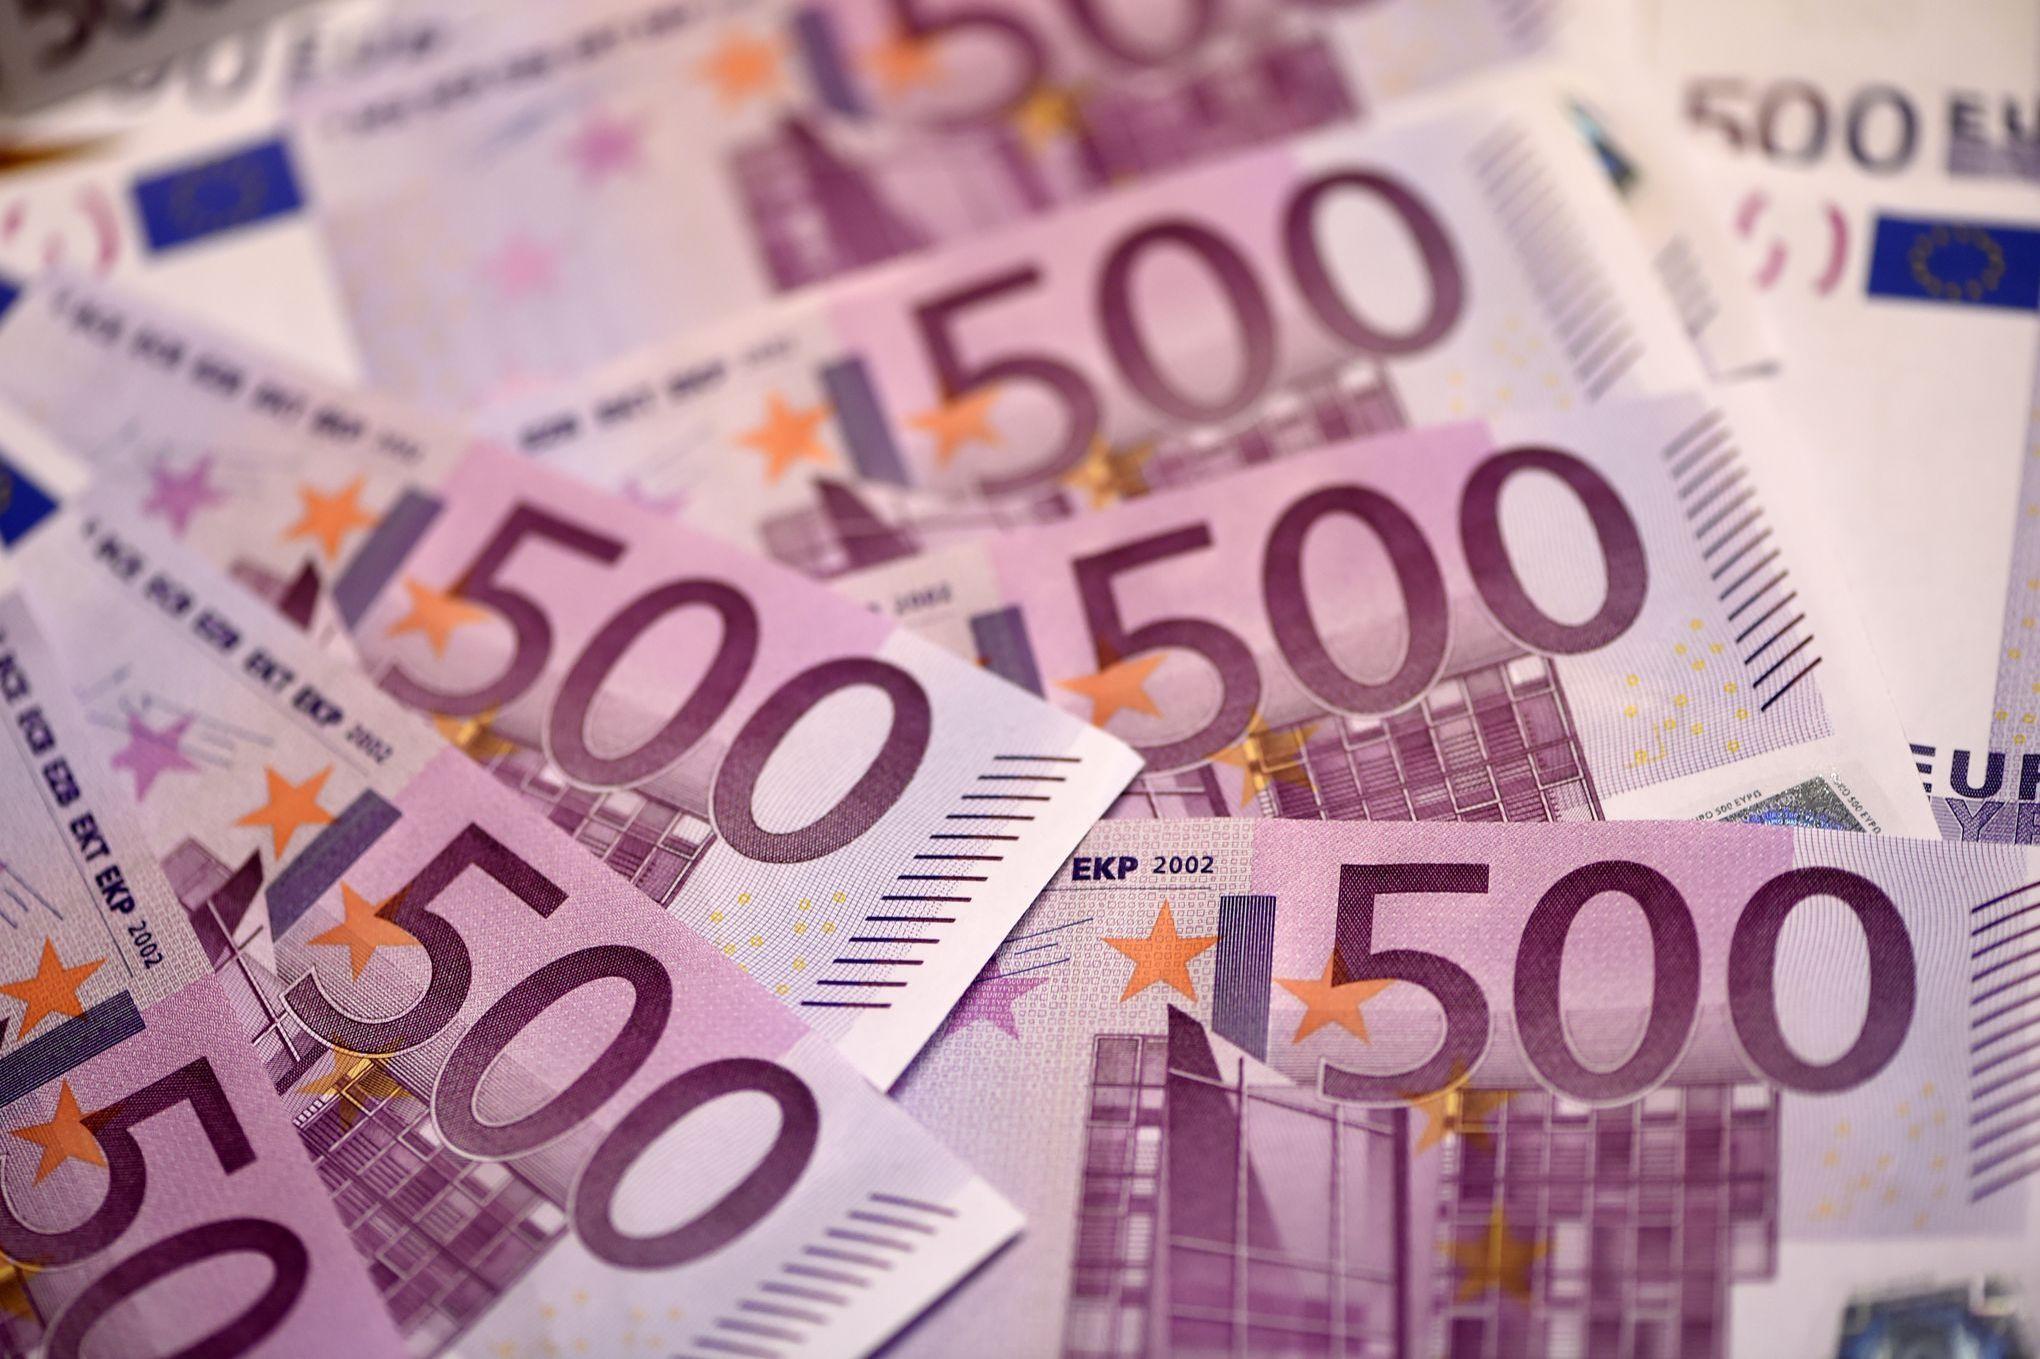 L'Union Européenne N'Imprimera Plus De Billets De 500 Euros concernant Pieces Et Billets Euros À Imprimer